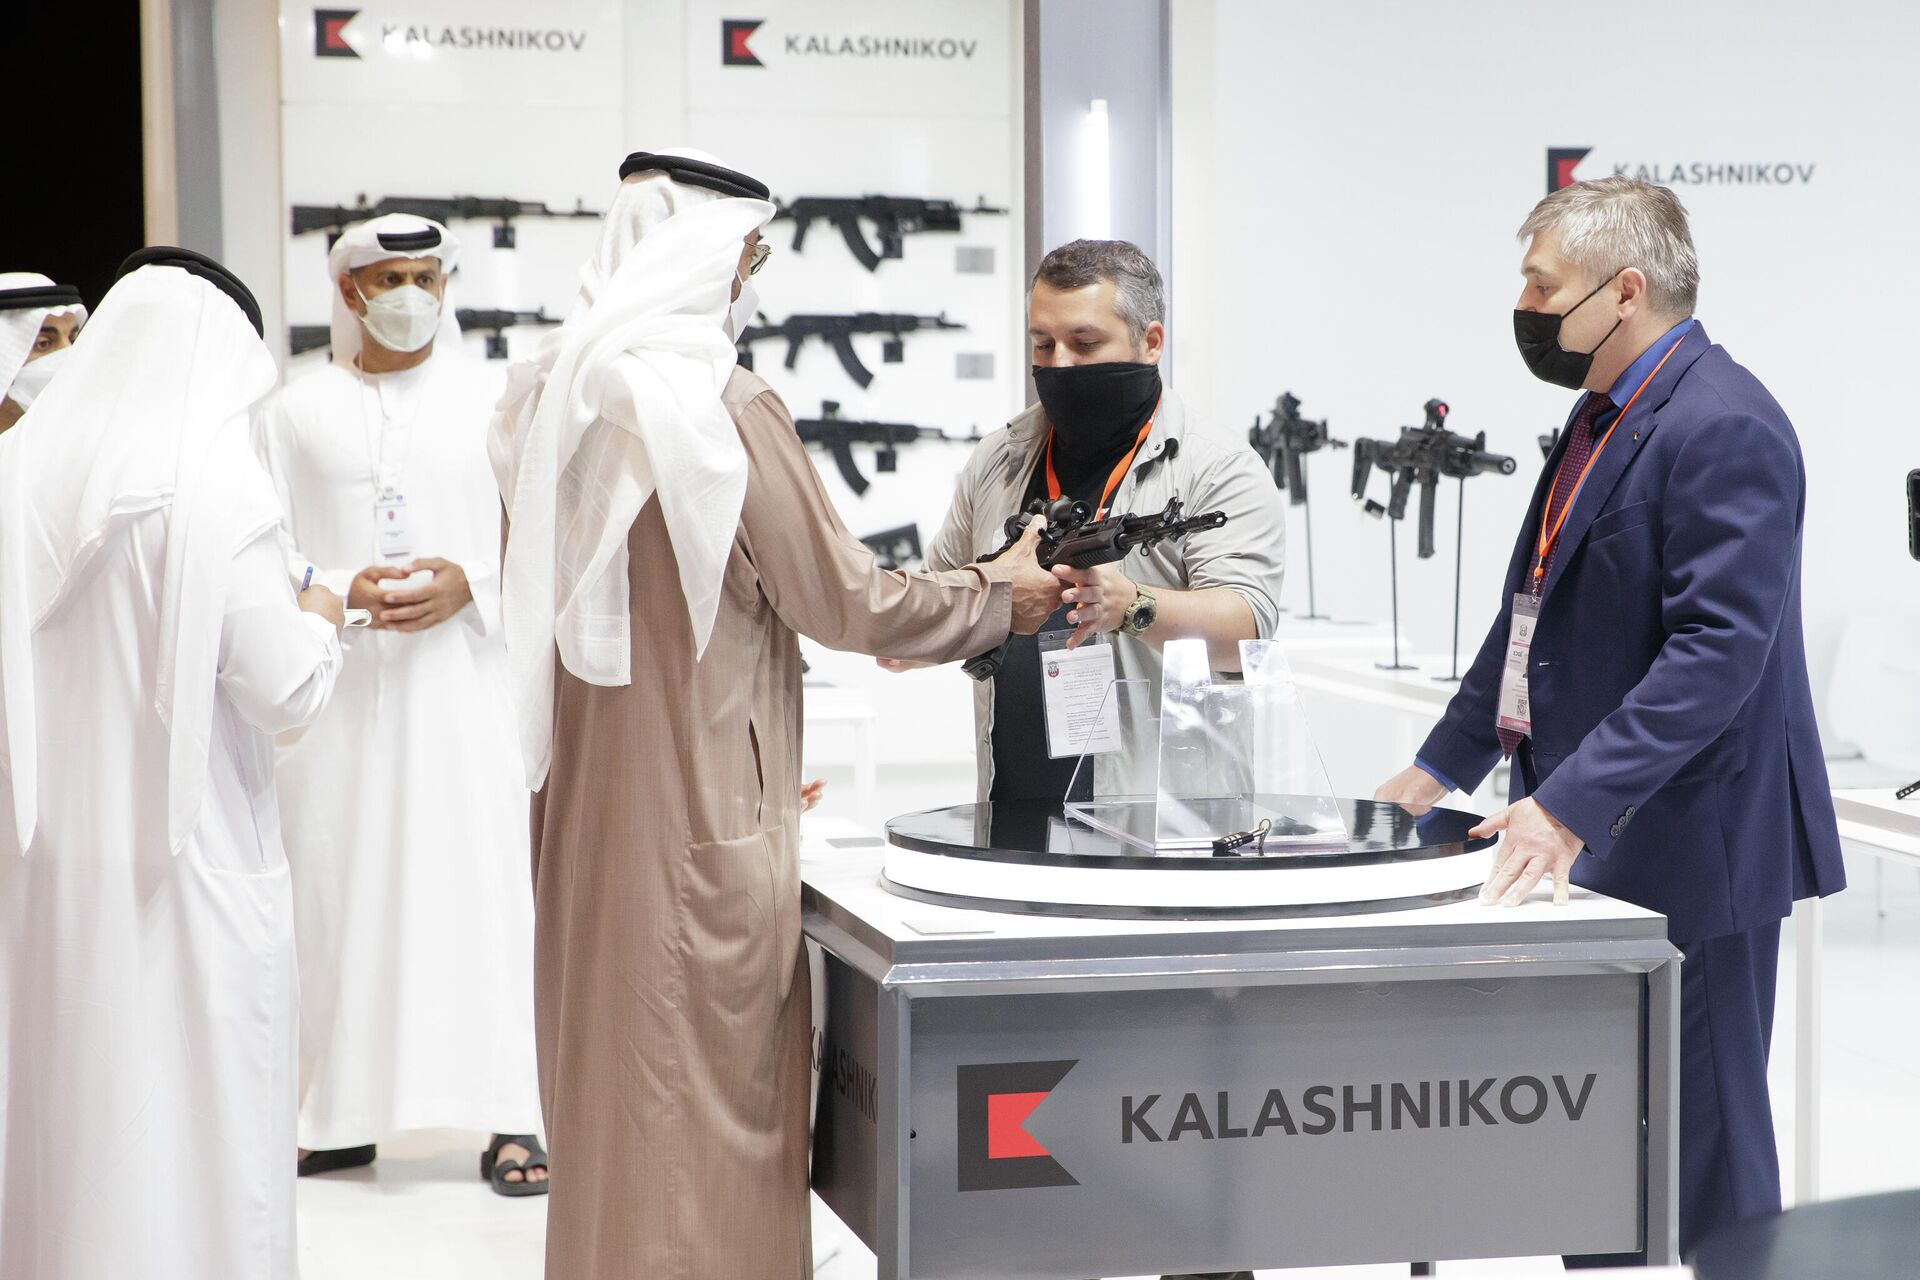 Наследный принц Абу-Даби, заместитель верховного главнокомандующего Вооруженными силами ОАЭ шейх Мухаммад бен Зайд аль-Нахайян заинтересовался российскими автоматом АК-19 на выставке IDEX-2021  - РИА Новости, 1920, 25.02.2021